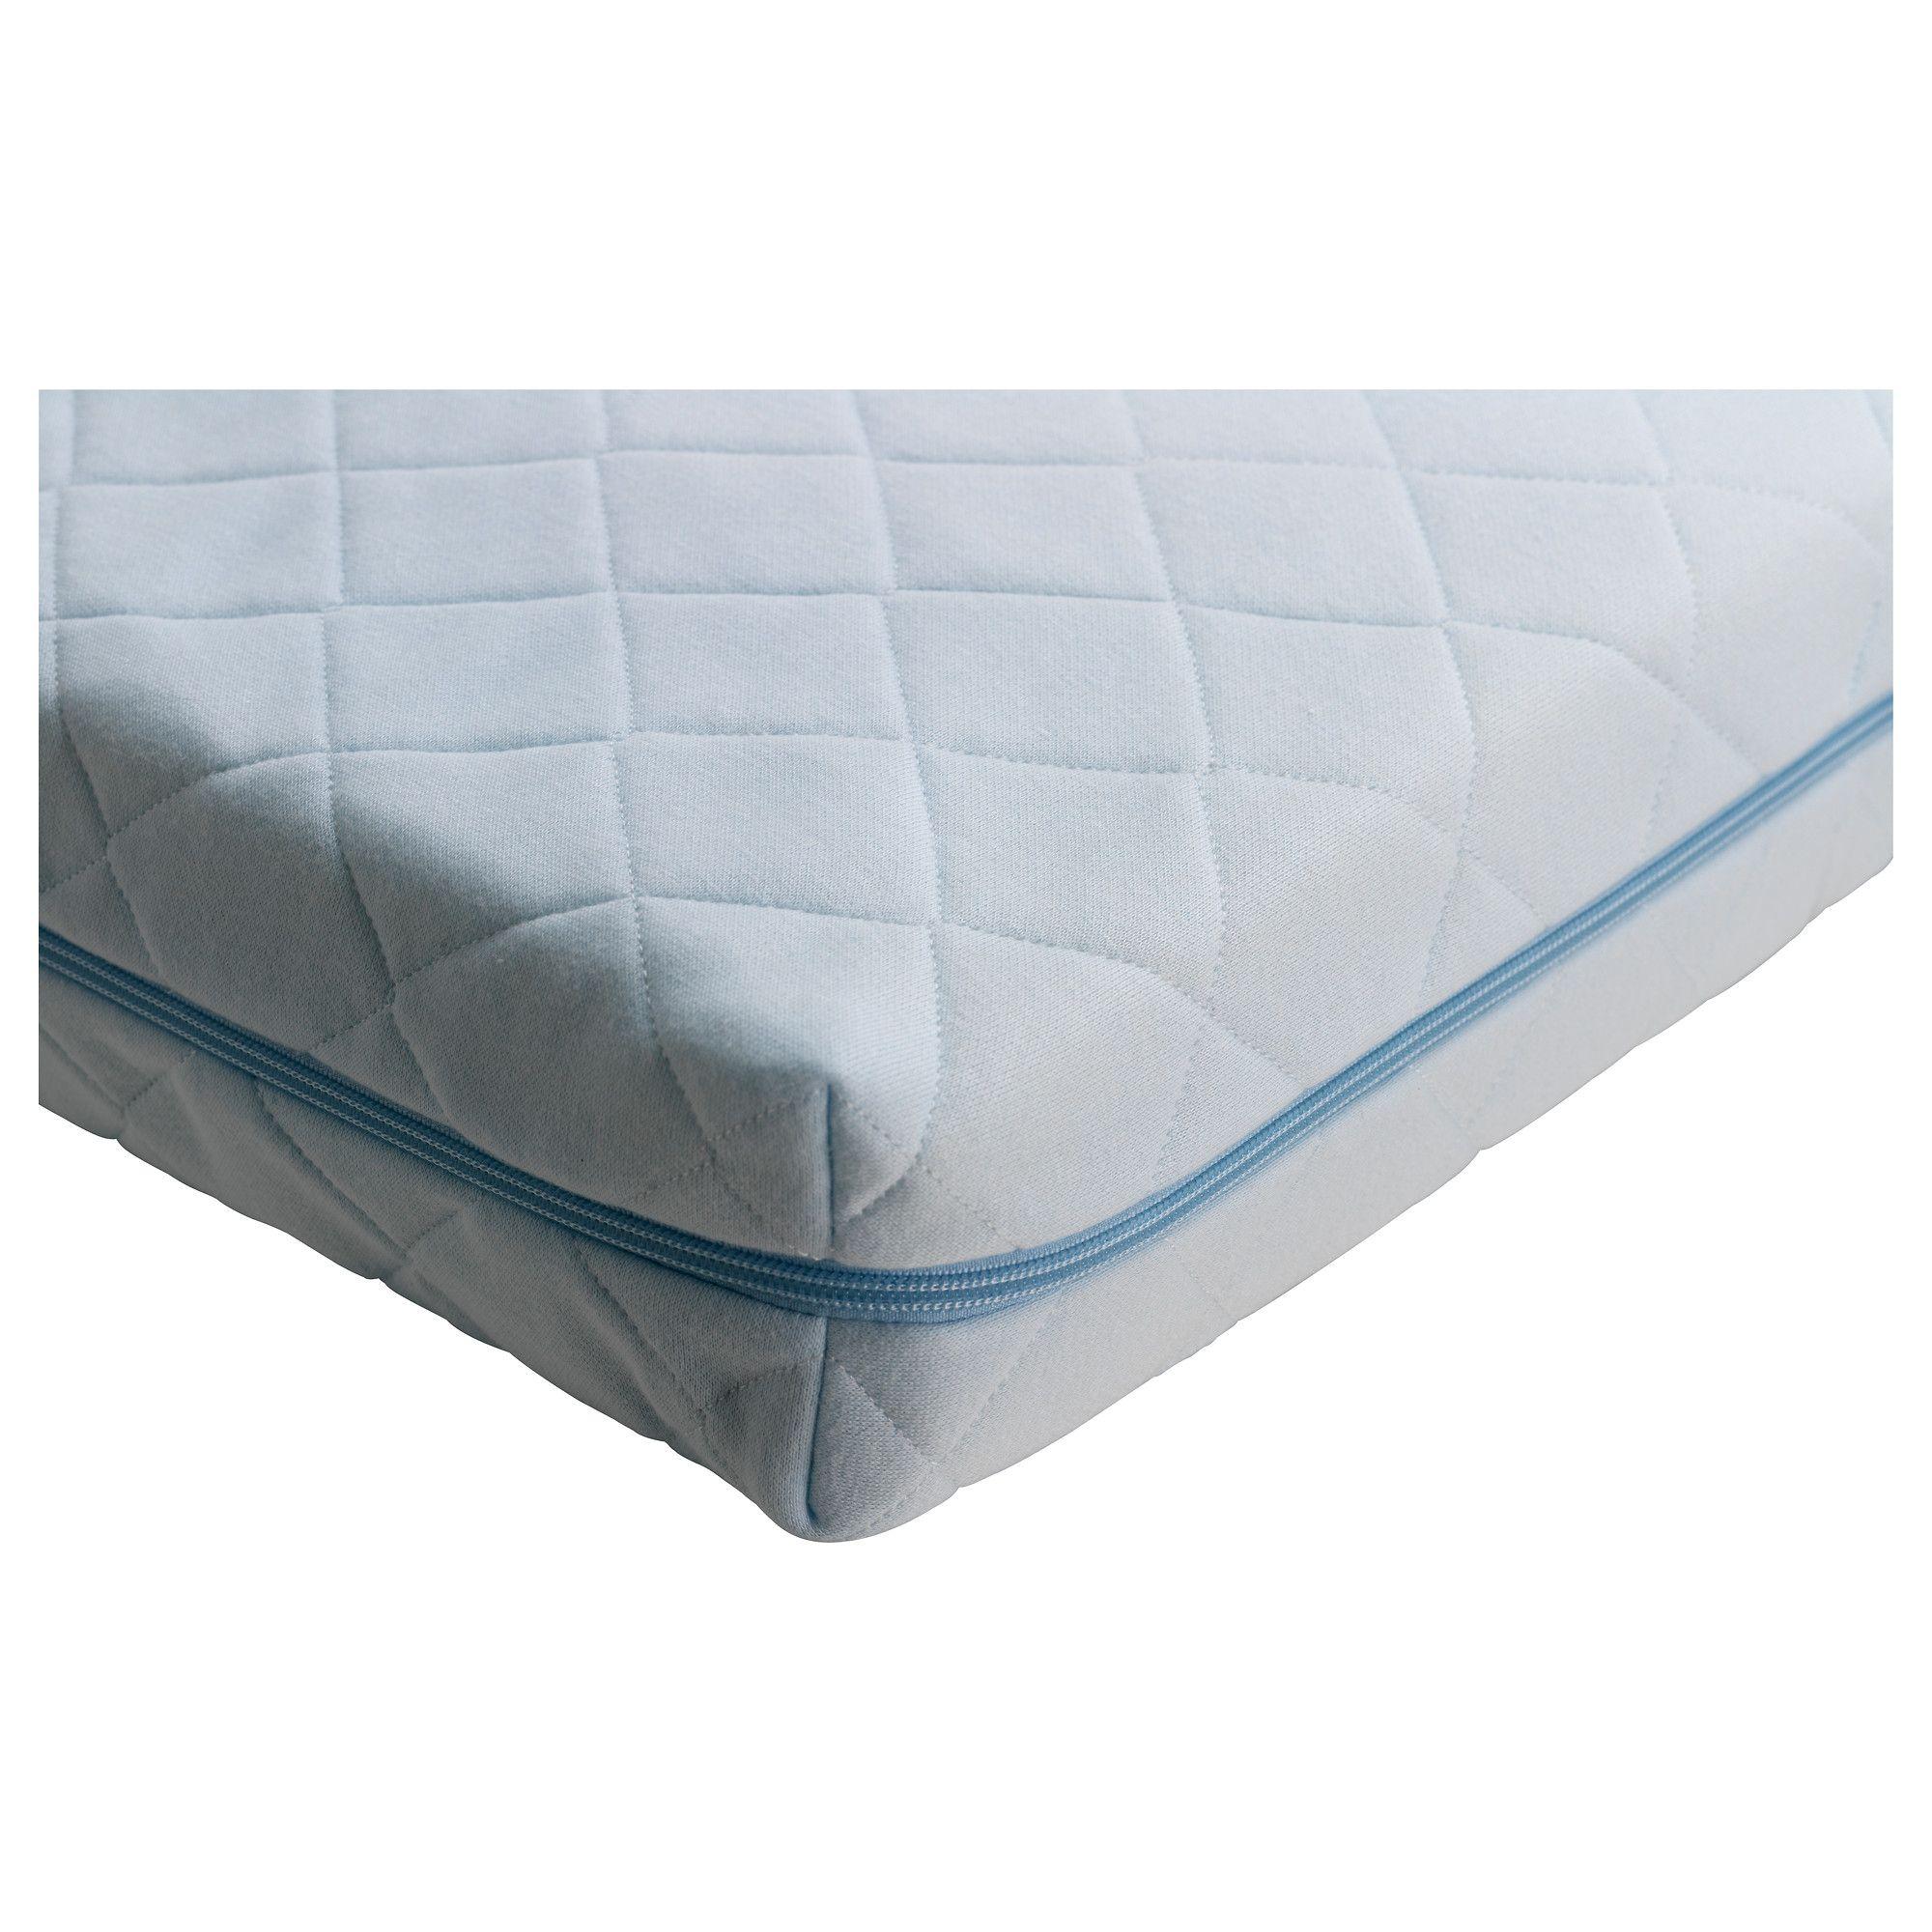 Matras Baby Bed.Vyssa Vinka Matras Voor Babybed Ikea Tof Voor Kinderen Pinterest